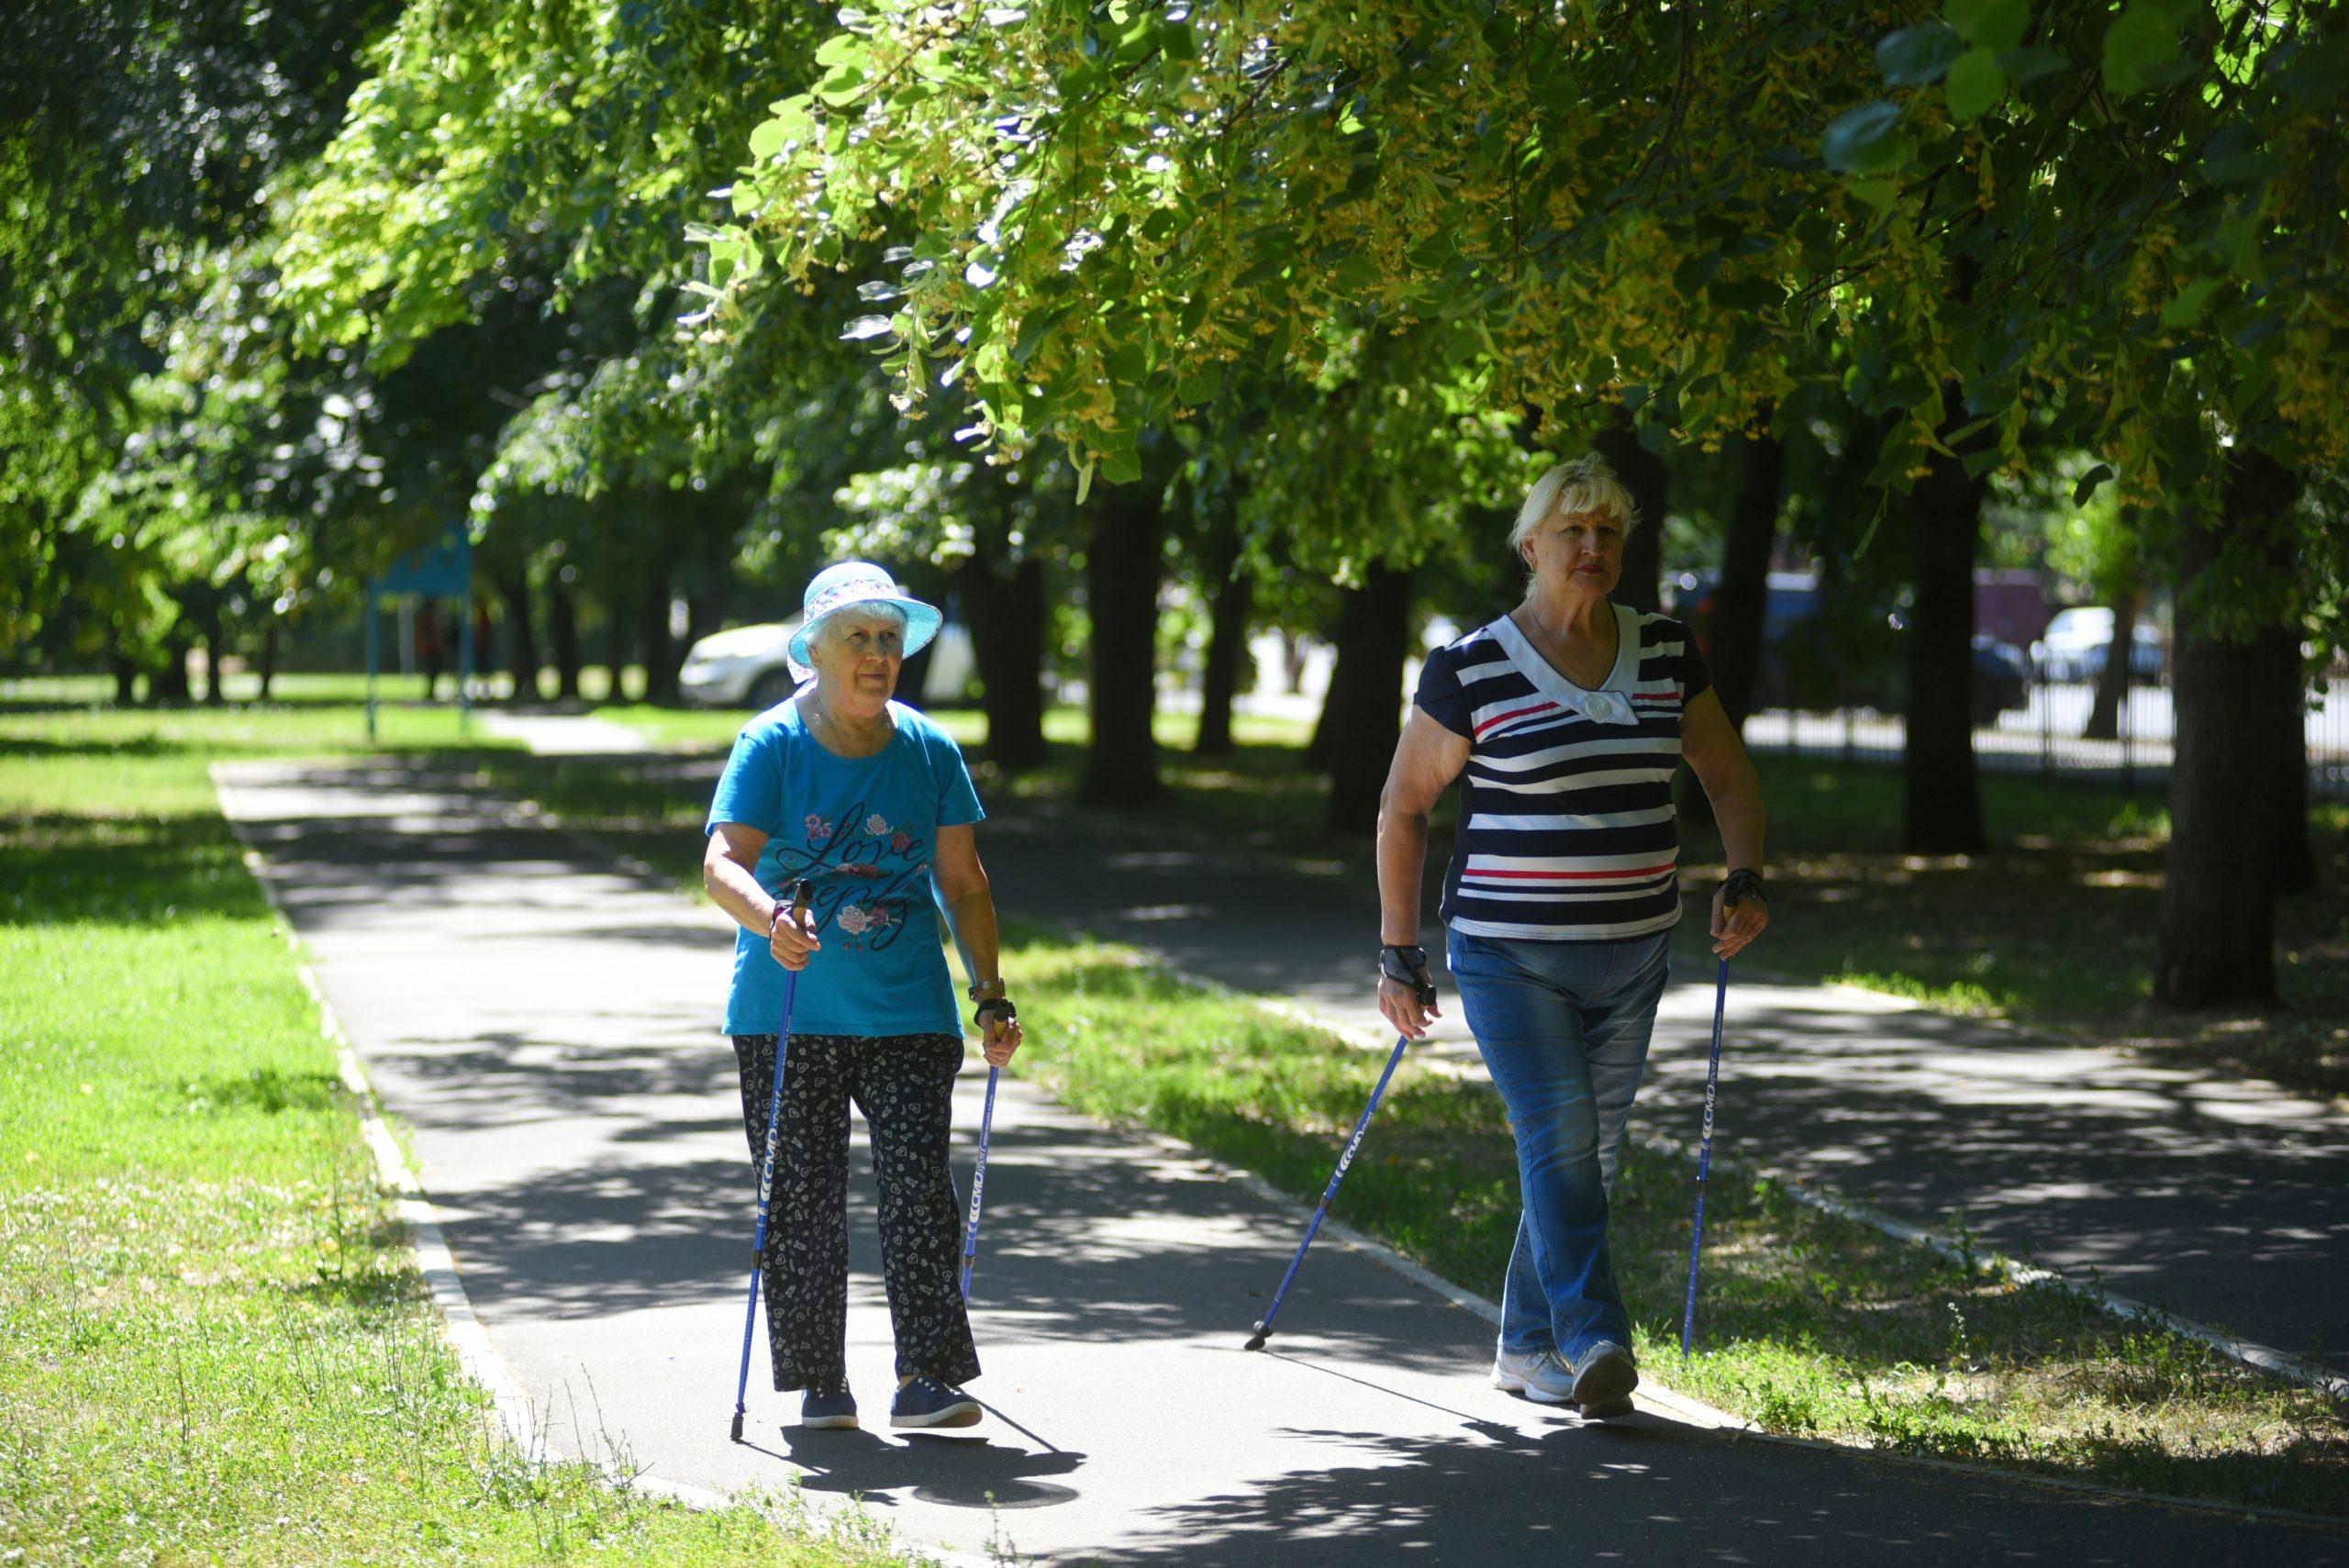 Тренировки по скандинавской ходьбе снова проходят на свежем воздухе в рамках проекта «Московское долголетие»